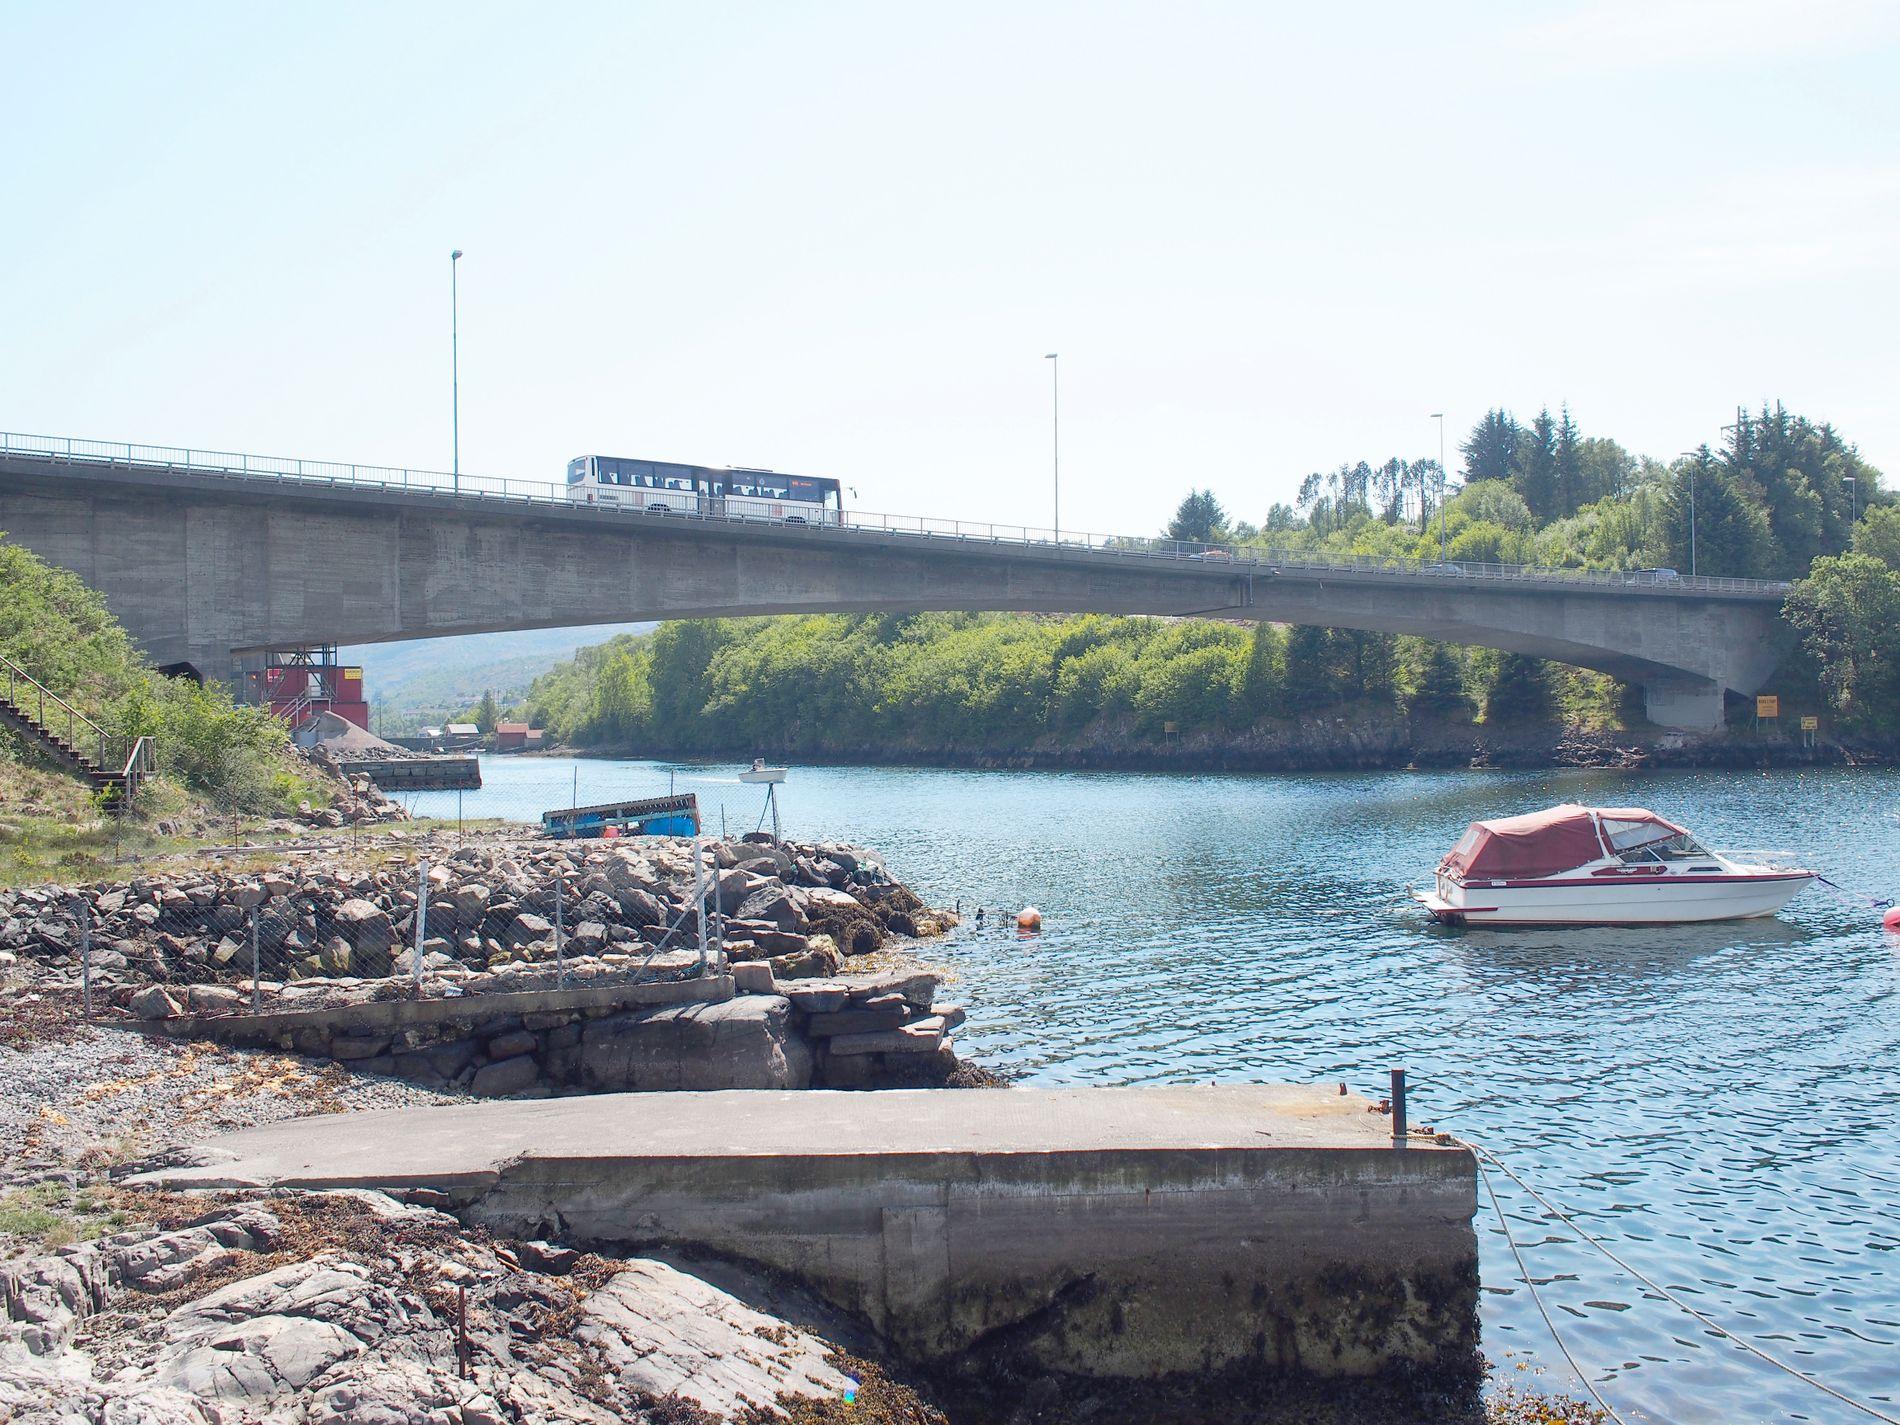 TRAFIKKERT: Drøyt 25.000 biler kjører over Straumsundet bro mellom Litlesotra og Bildøyna hver dag, ifølge Norsk veidatabank.